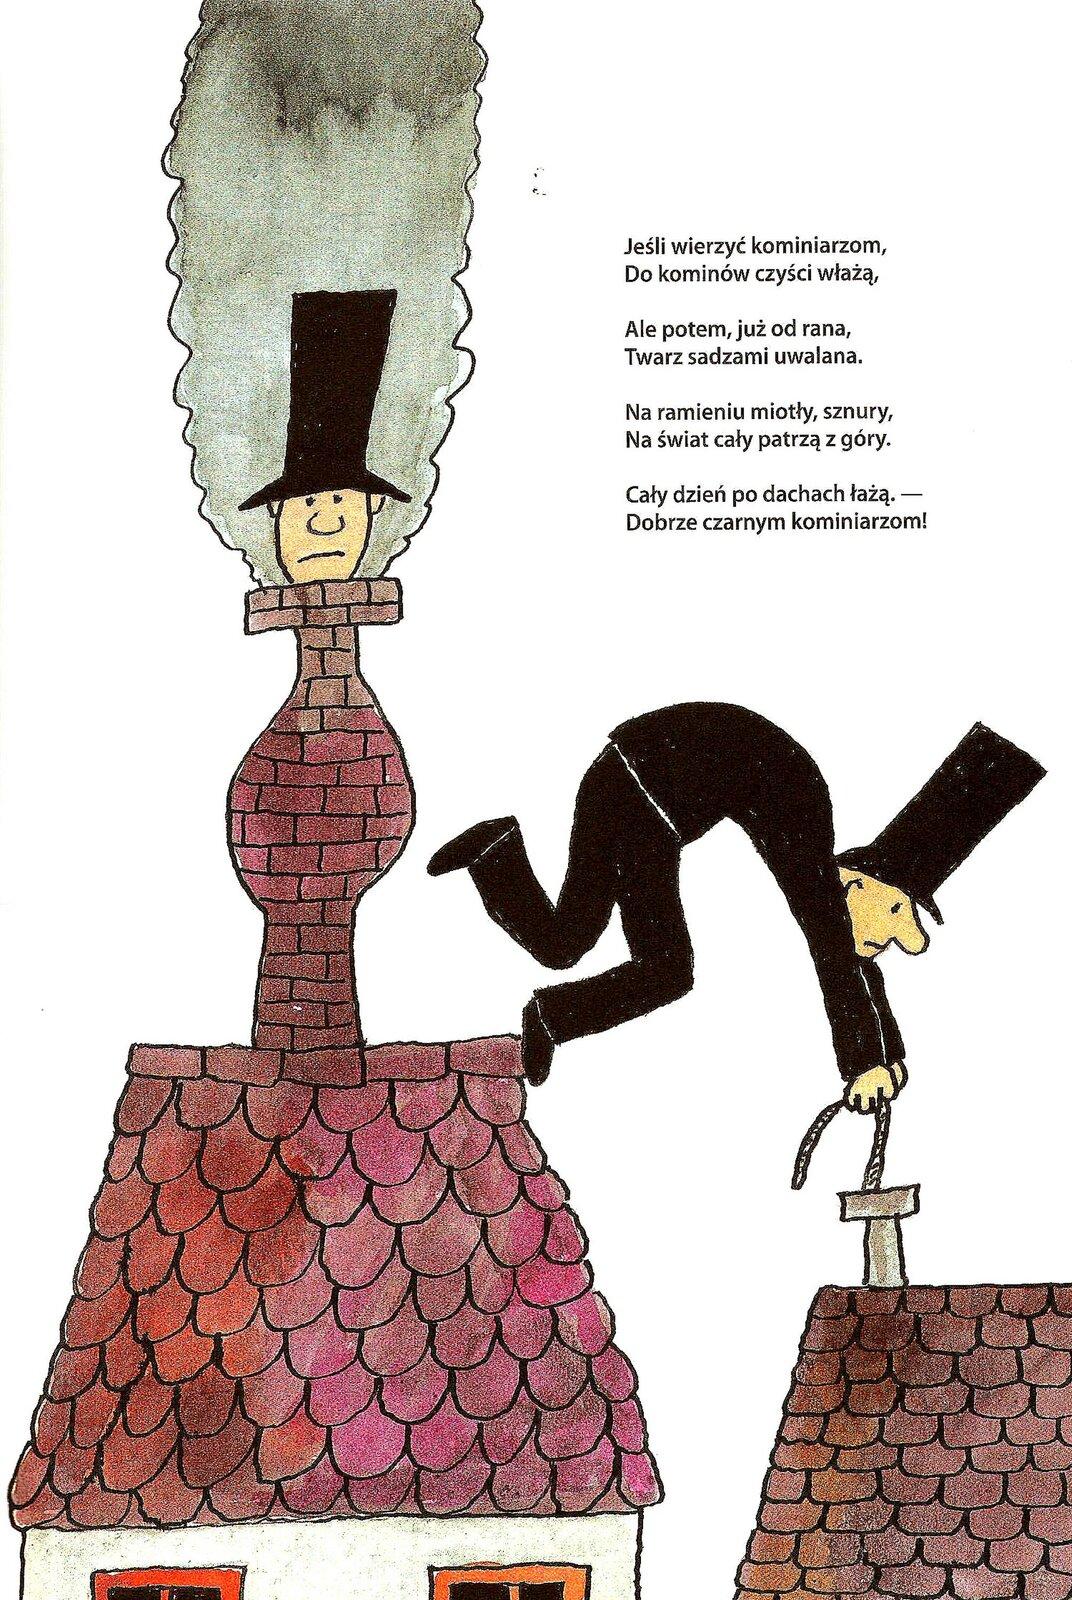 """Ilustracja przedstawia pracę Bohdana Butenki. Ukazuje kominiarzy podczas wykonywania swojej pracy. Jeden znich ubrany jest wczarny strój istojąc na krawędzi dachu czyści komin znajdujący się wdomu obok. Po lewej stronie kominiarz znajduje się wkominie. Wystaje tylko jego głowa wczarnym cylindrze przedstawiona na tle szarego dymu. Budynki kryte są brązową iczerwoną dachówką, komin po lewej jest zcegły. Wprawym górnym rogu znajduje się fragment wiersza"""" """"Jeśli wierzyć kominiarzom, Do kominów czyści włażą, Ale potem, już od rana, Twarz sadzami uwalana. Na ramieniu miotły, sznury, Na świat cały patrzą zgóry. Cały dzień po dachach łażą. - Dobrze czarnym kominiarzom!"""